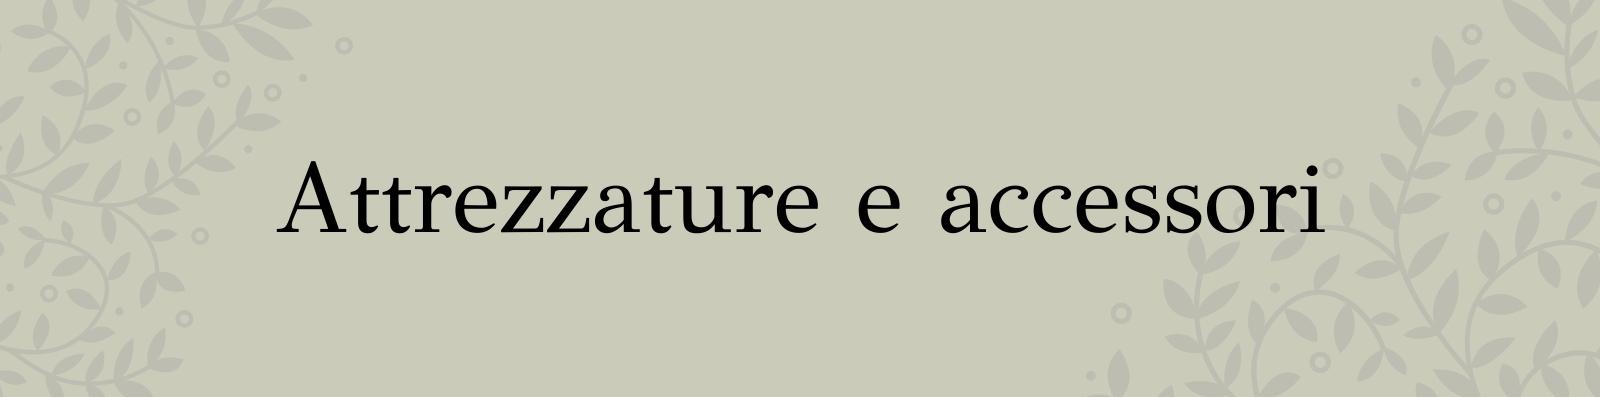 Attrezzature & Accessori